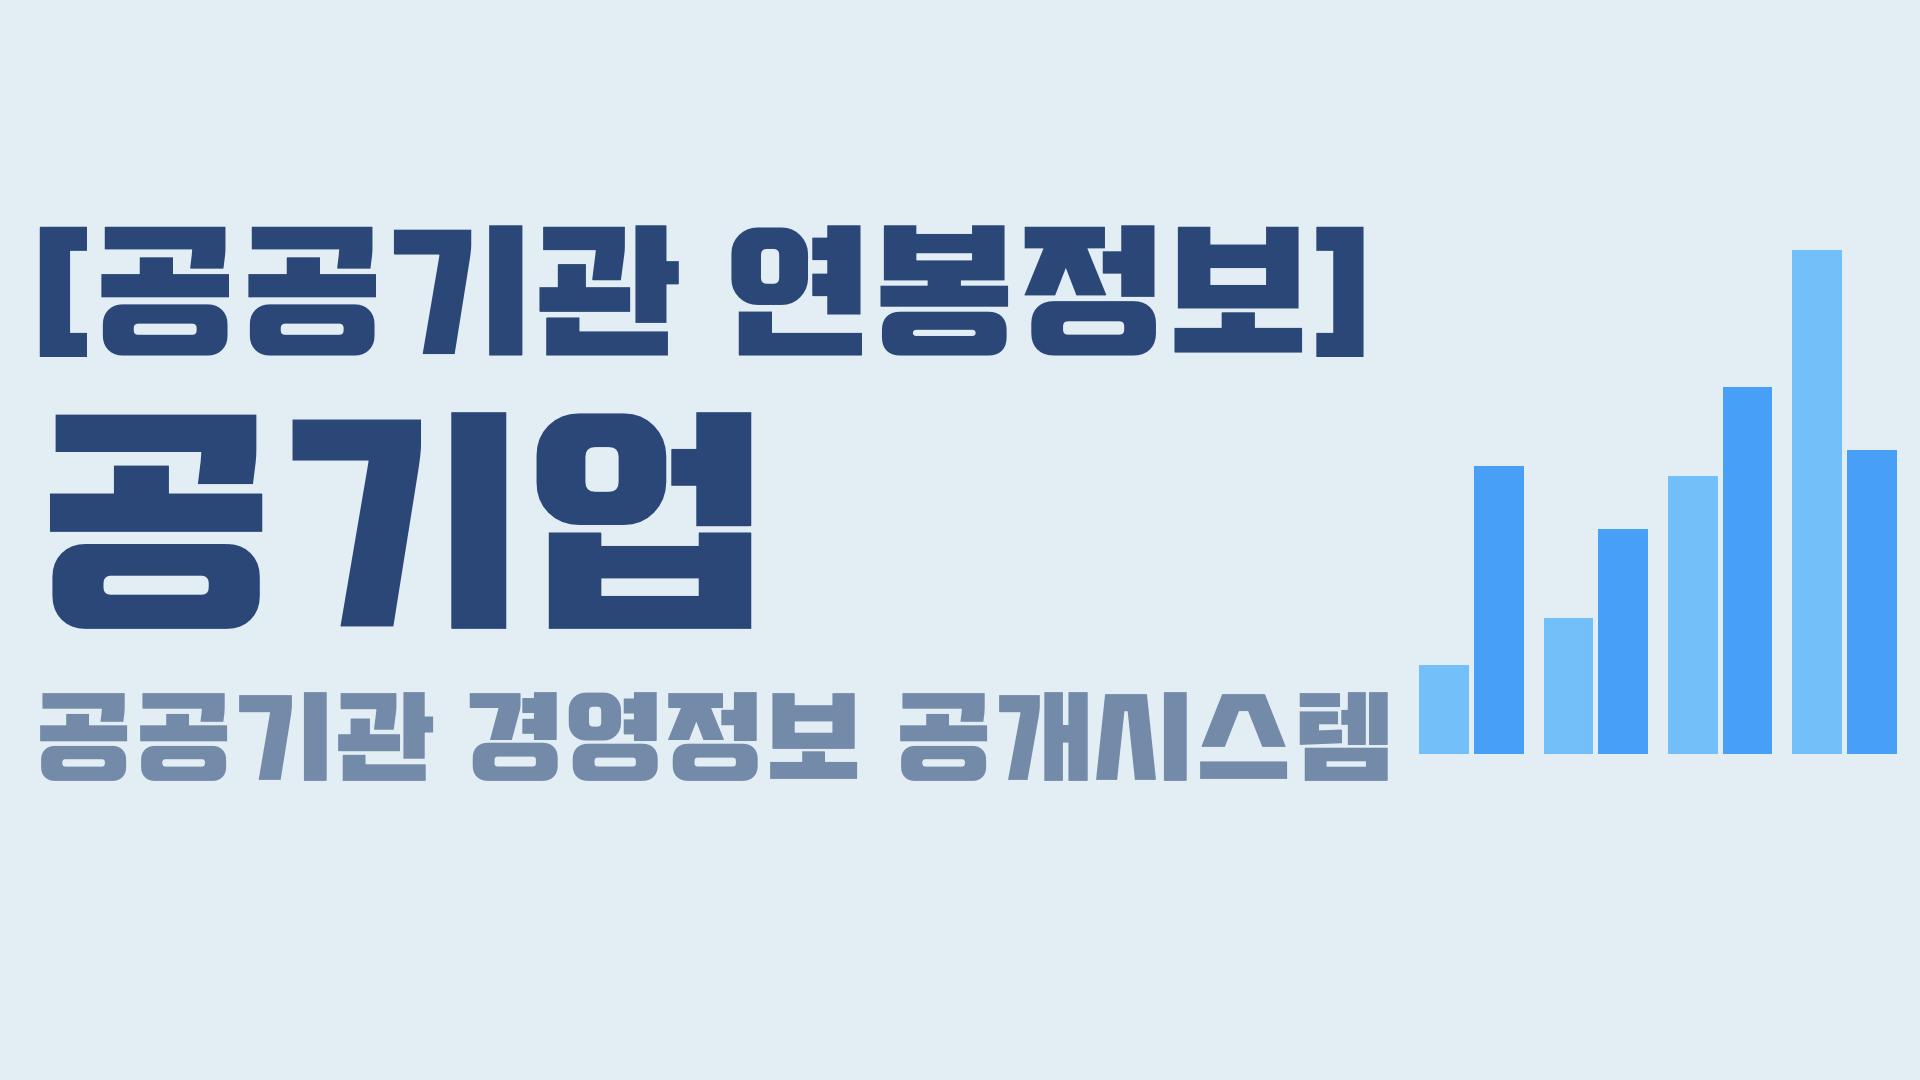 [공공기관 임금] 공기업 기관별 연봉 정보